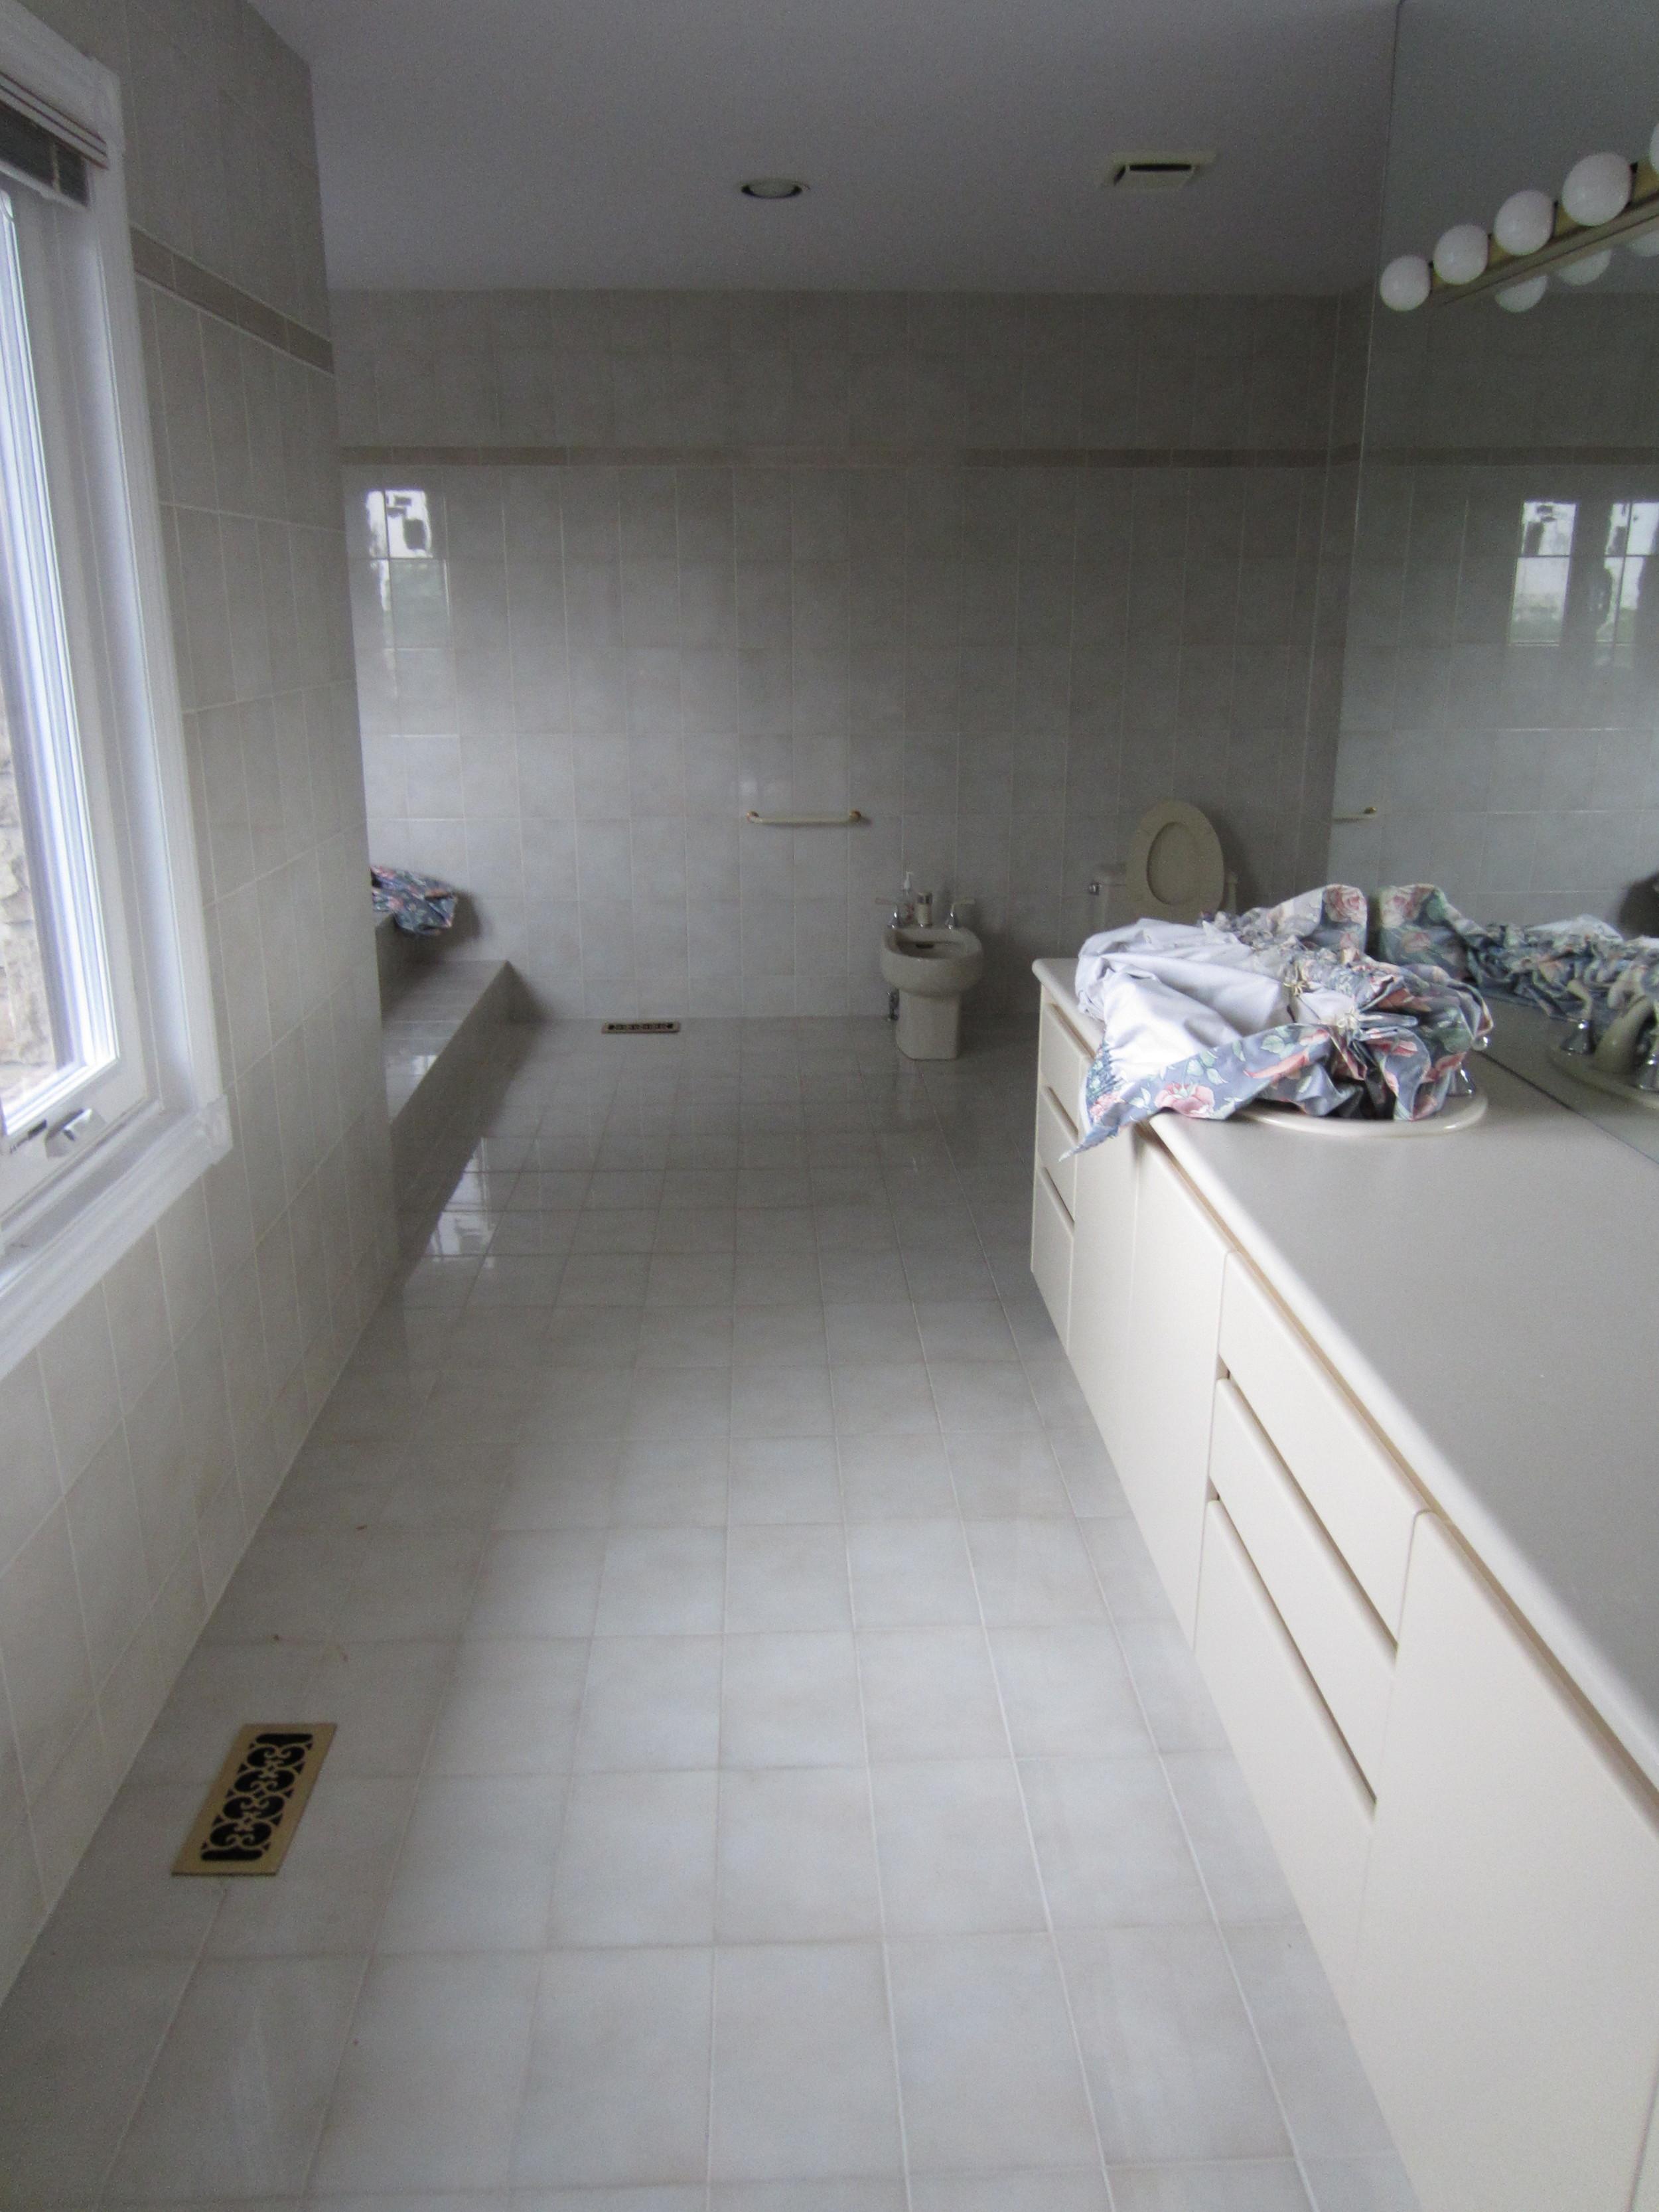 1 Client Site Pics 006.jpg